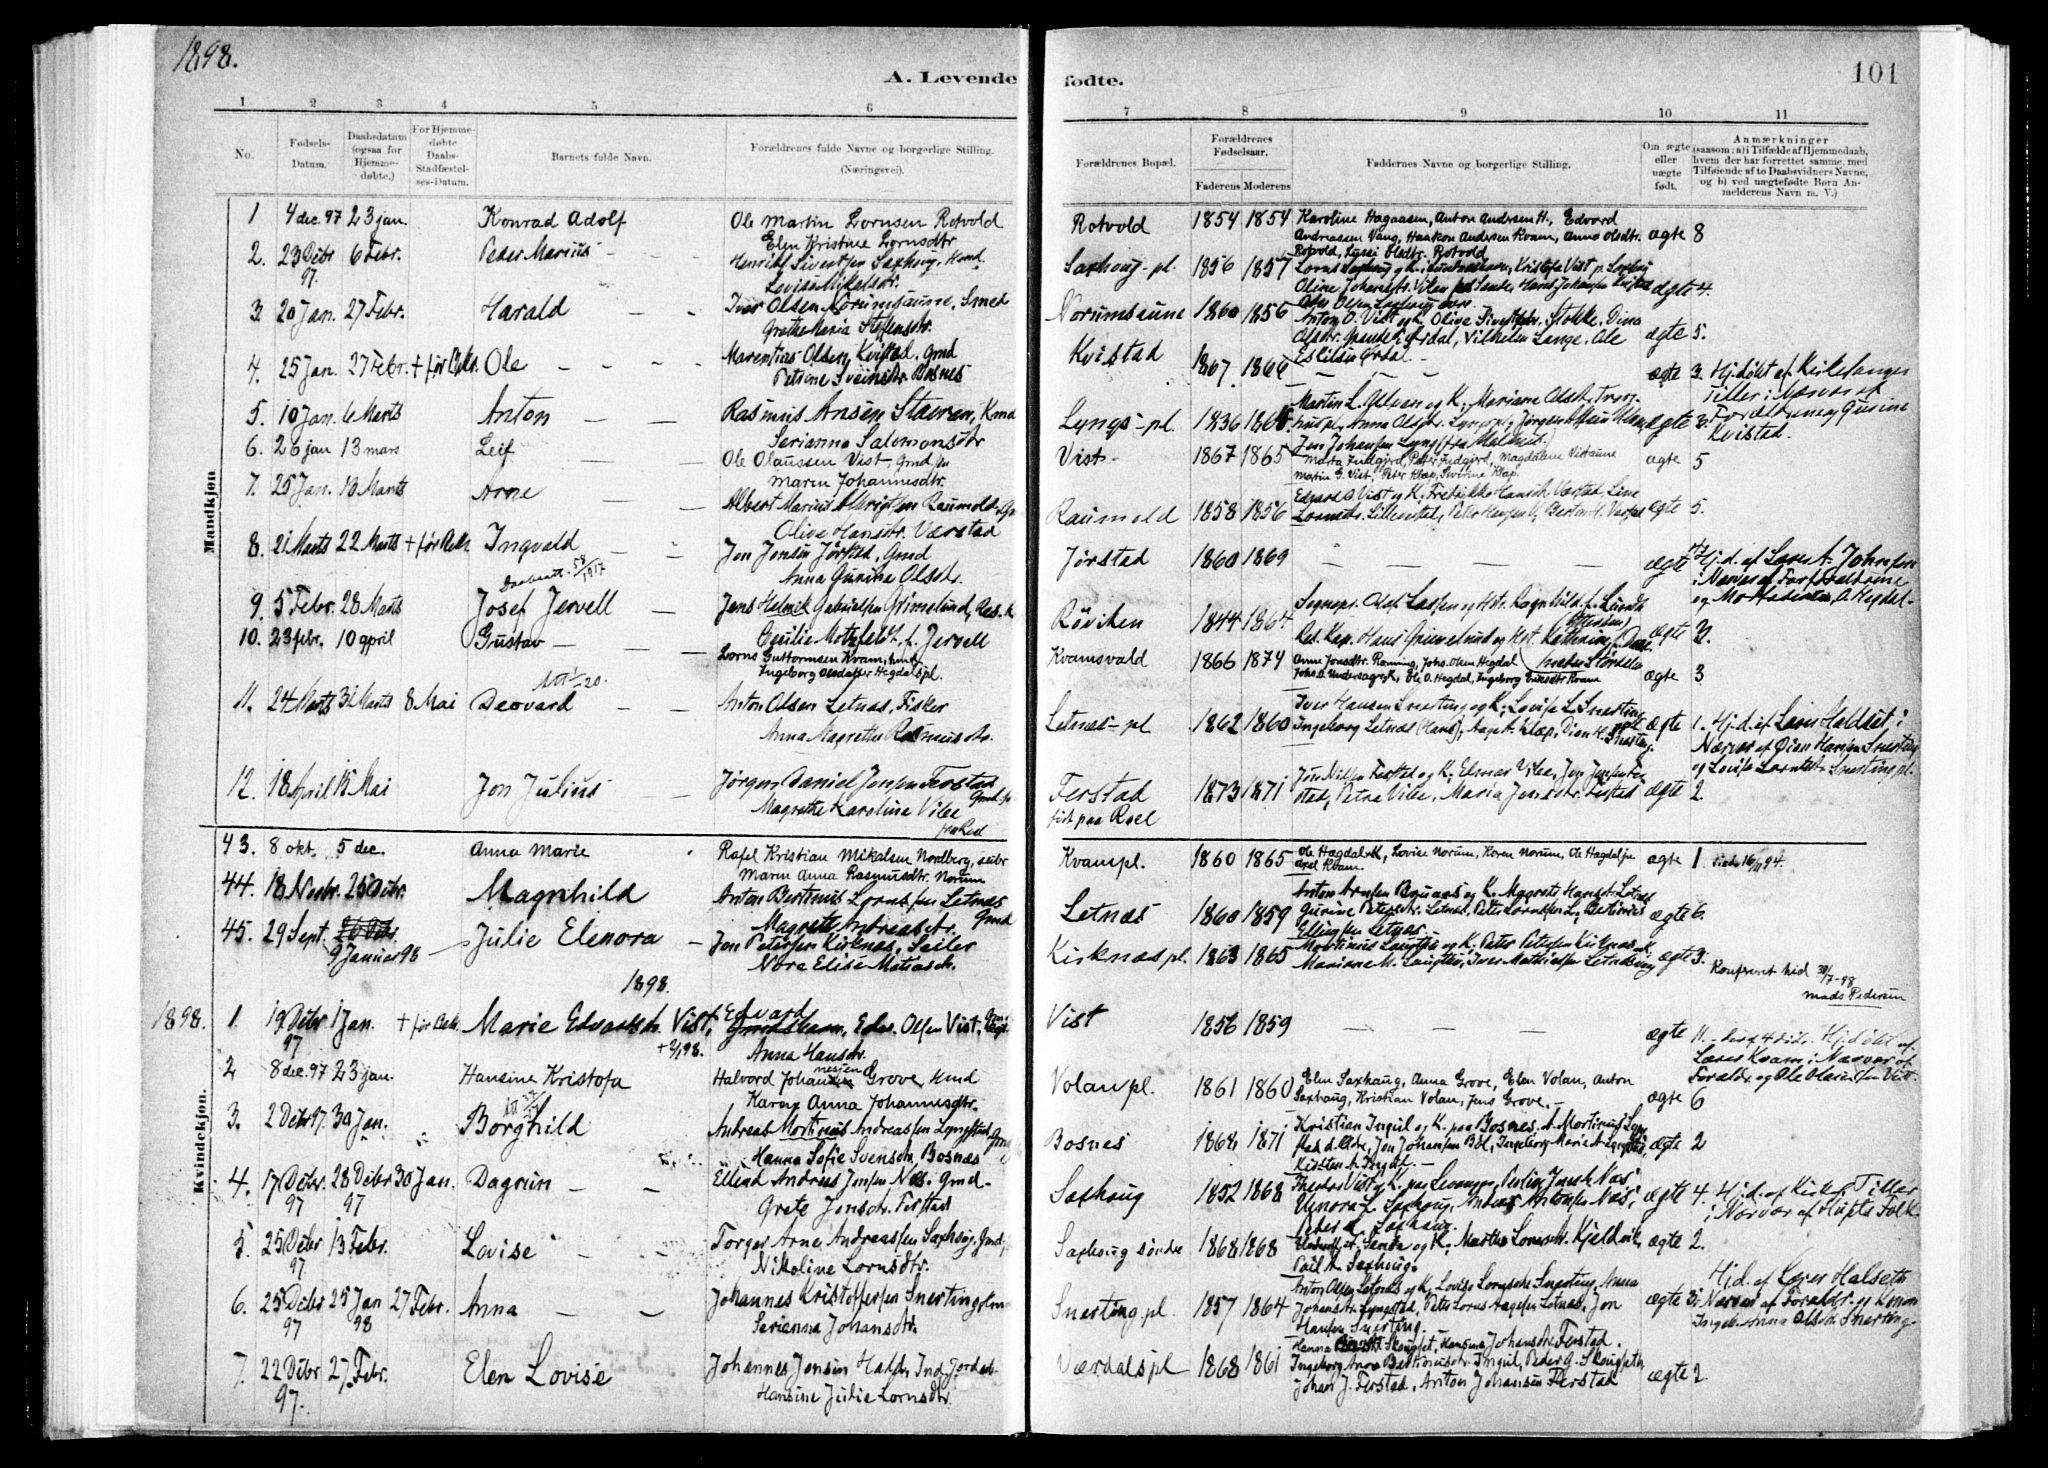 SAT, Ministerialprotokoller, klokkerbøker og fødselsregistre - Nord-Trøndelag, 730/L0285: Ministerialbok nr. 730A10, 1879-1914, s. 101